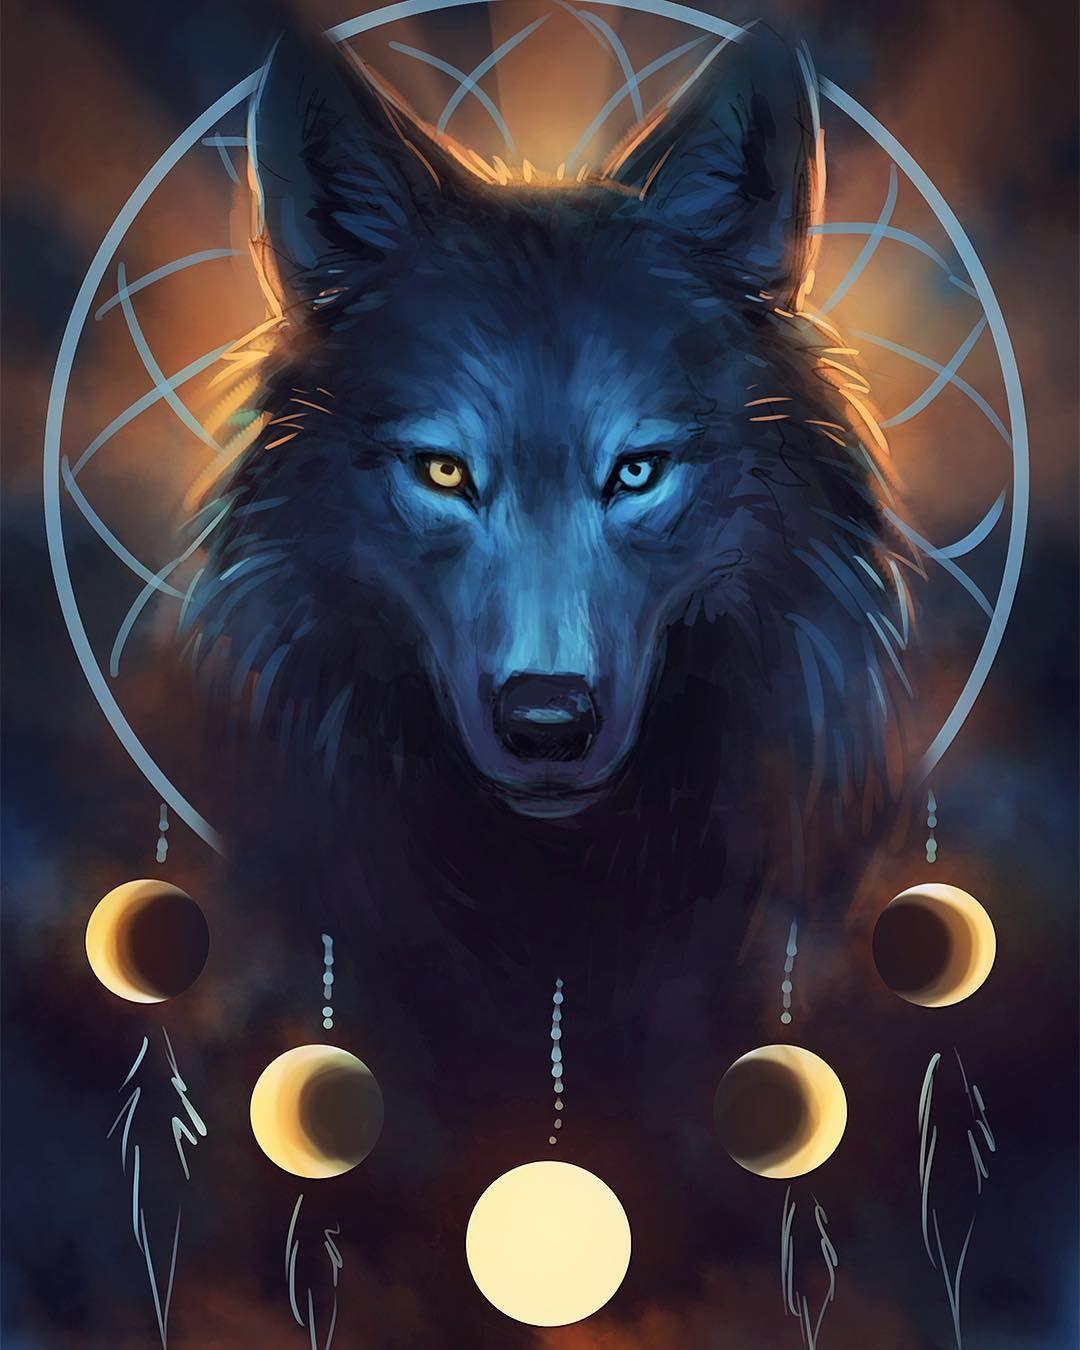 любопытных картинки волшебных волков на аву заставляет тощую подругу